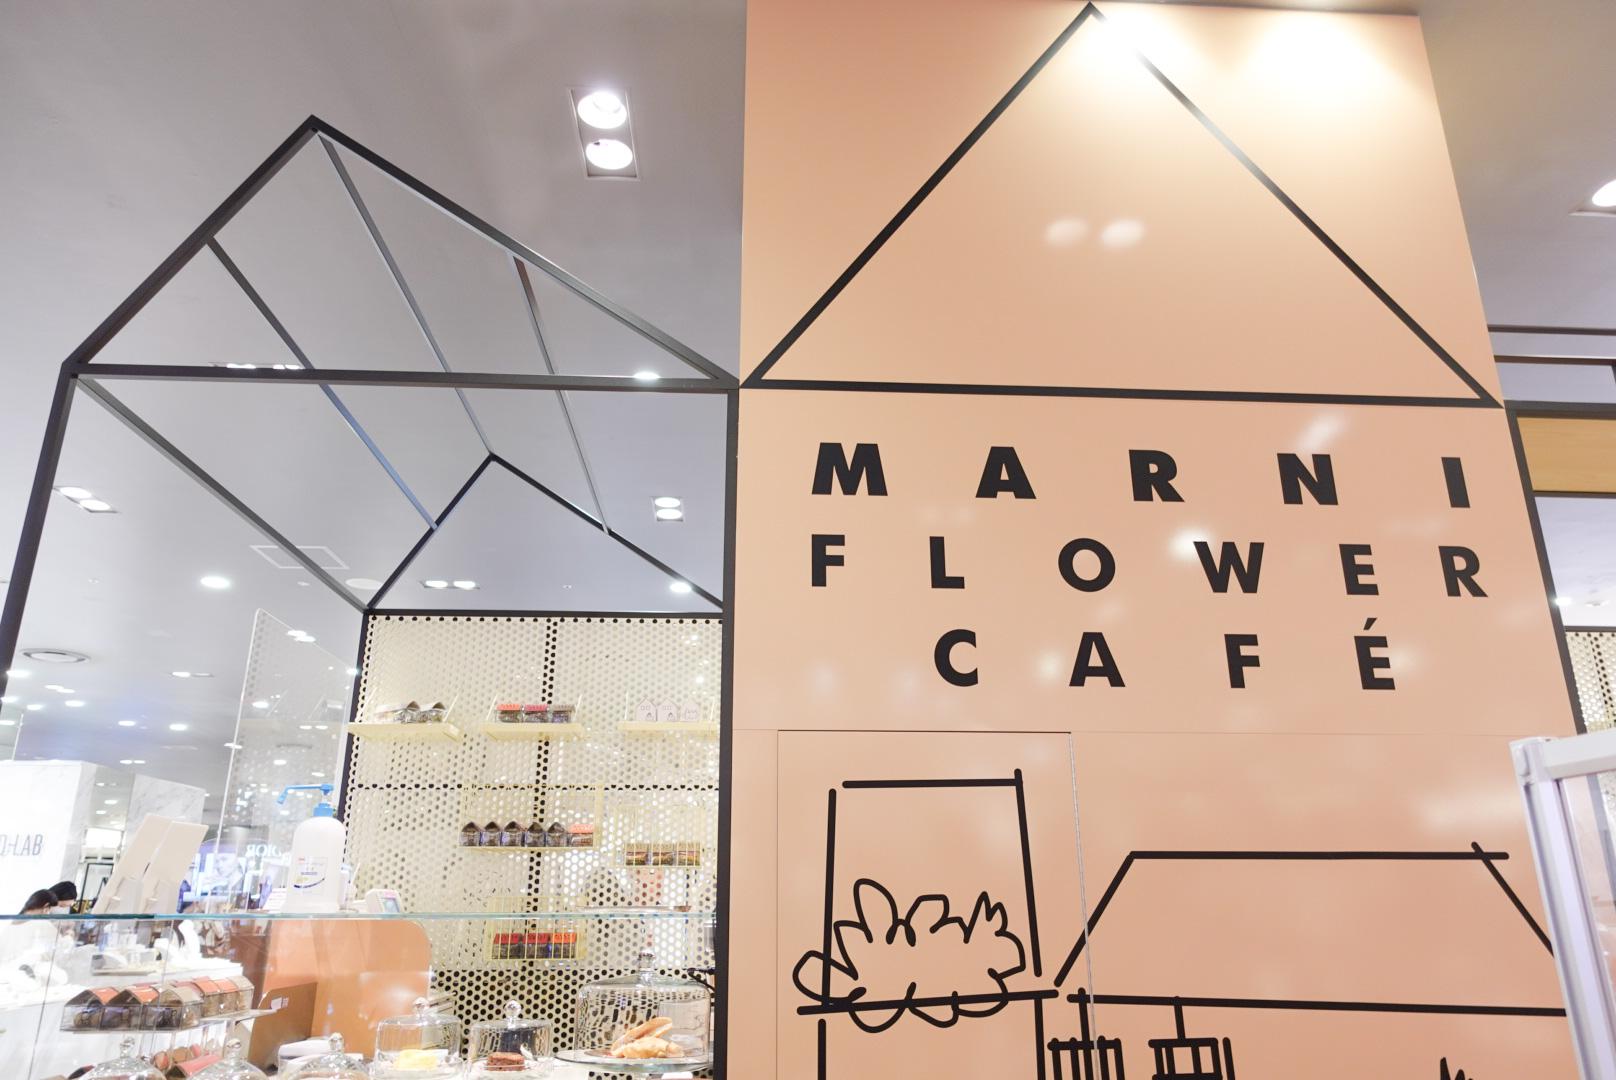 【大阪】阪急うめだ本店にMARNI のカフェが!?「MARNI FLOWER CAFE」ではスイーツやランチも楽しめてかわいいクッキーも買えちゃう!?_1